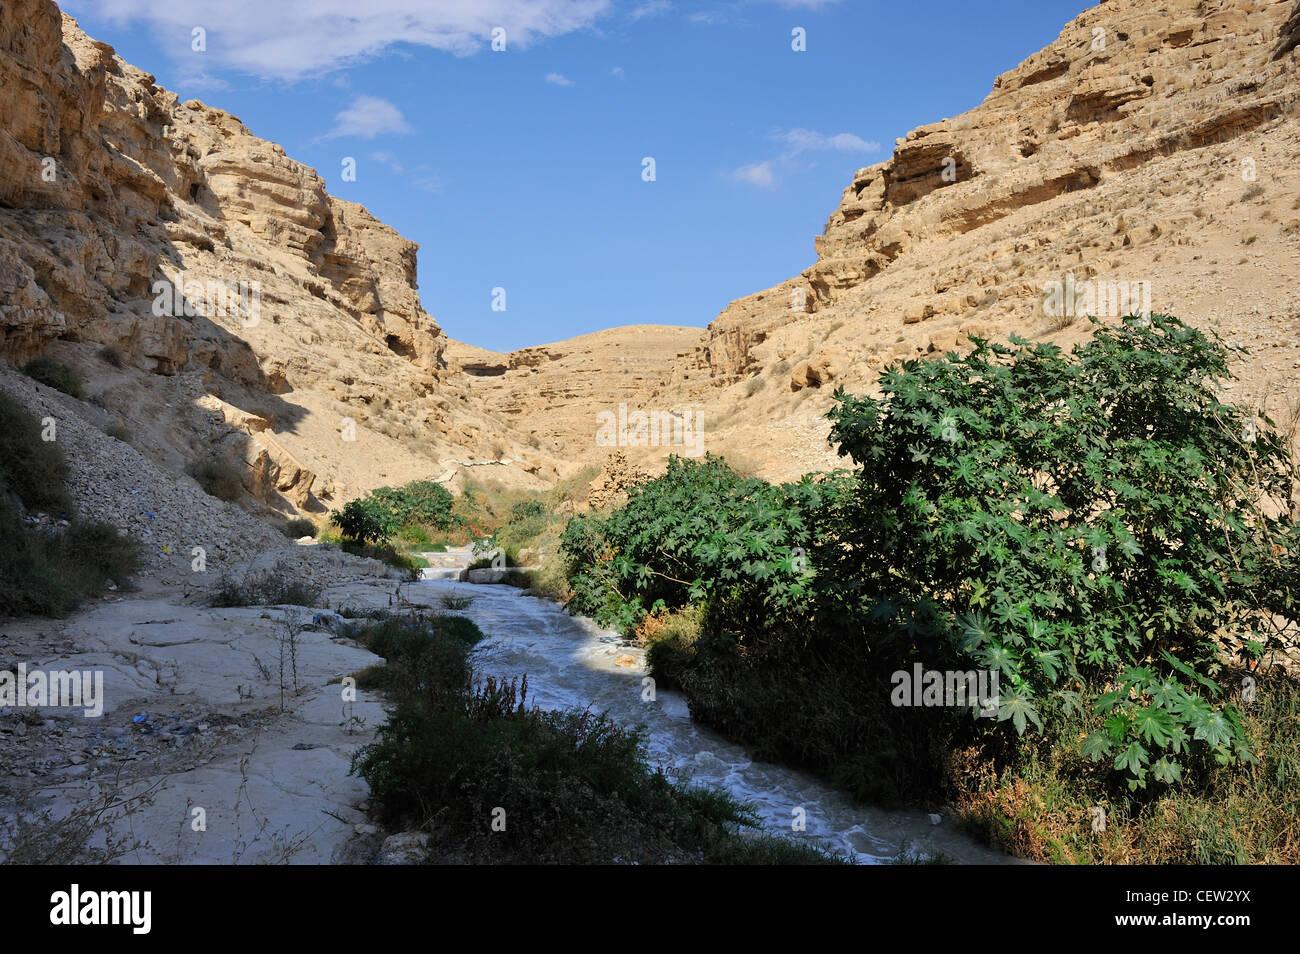 The Kidron river canyon close to Mar Saba monastery in the Judea desert Stock Photo